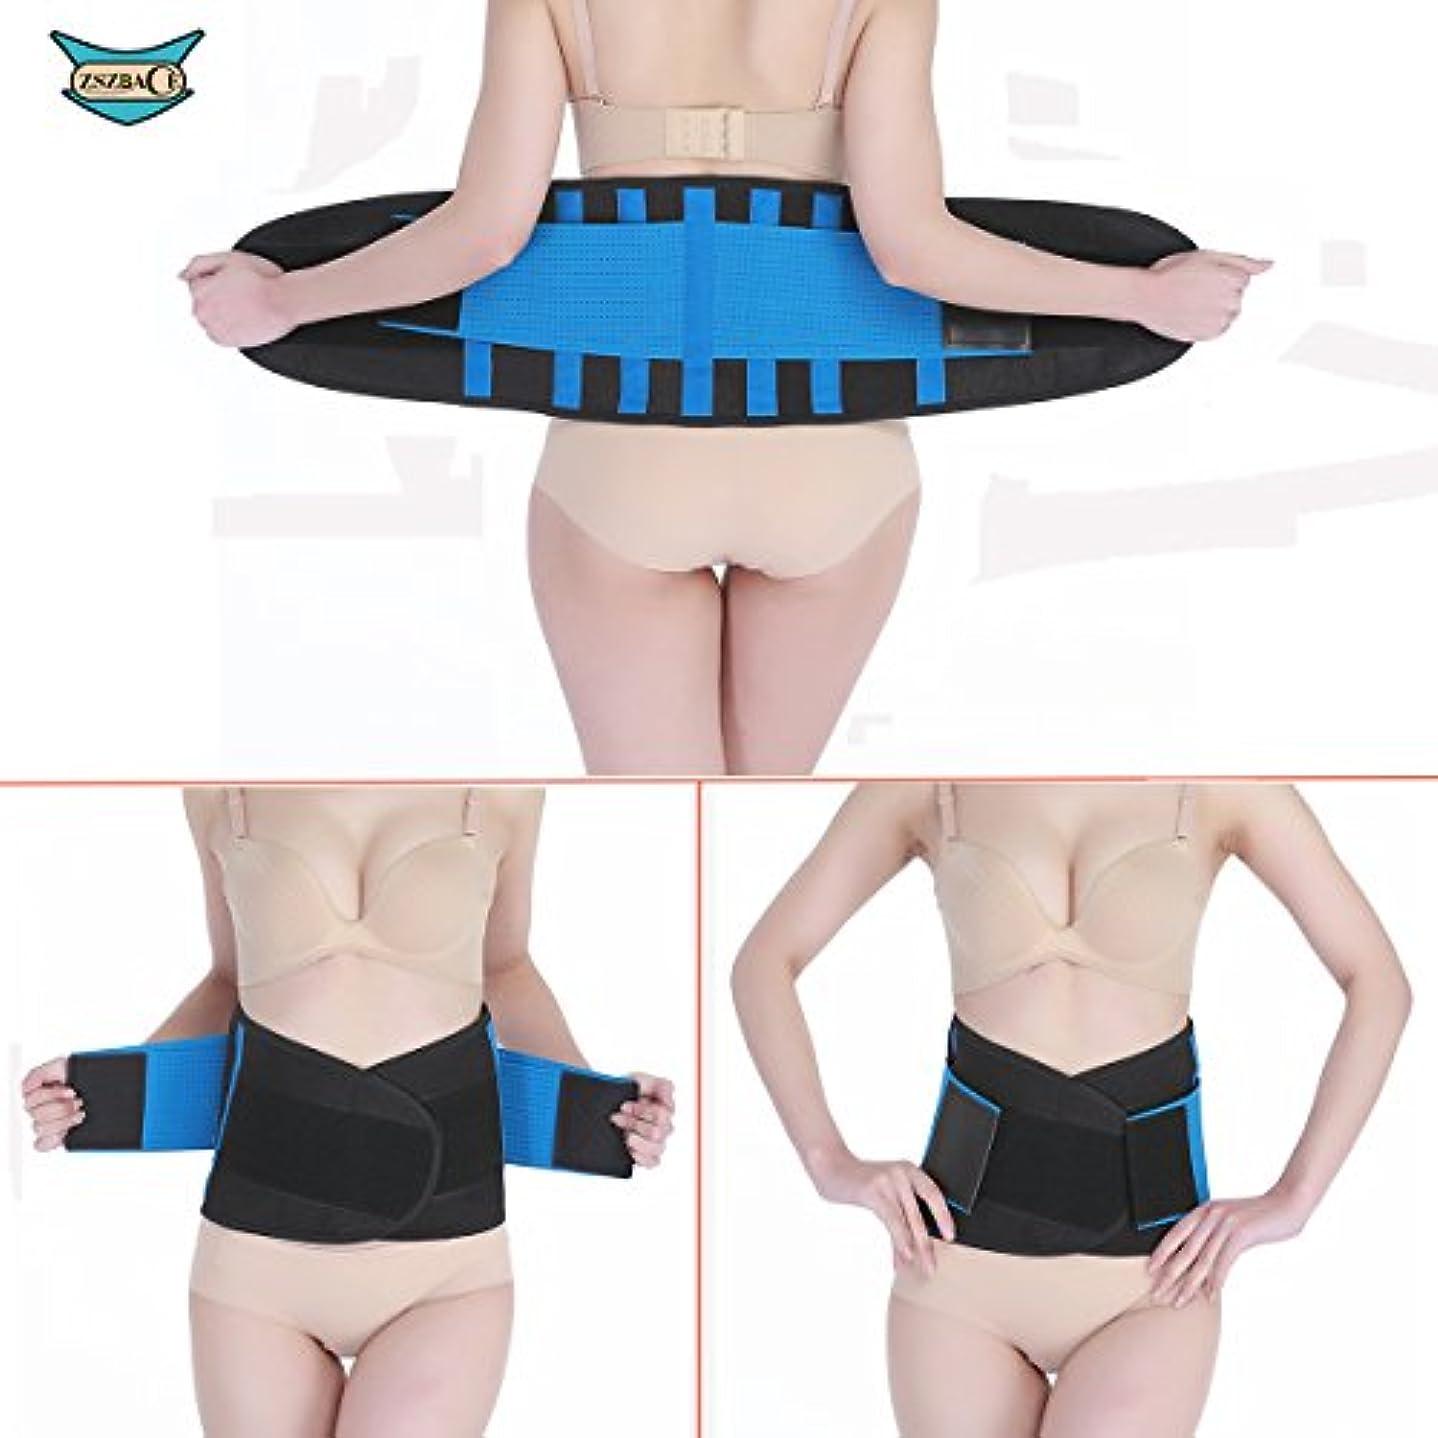 心理的にほかににはまって腰サポーター 骨盤ベルト 幅広タイプで固定力抜群 腹巻でシェイプアップ 腰保護コルセット (S=長さ約87cm(57cm-70cm))